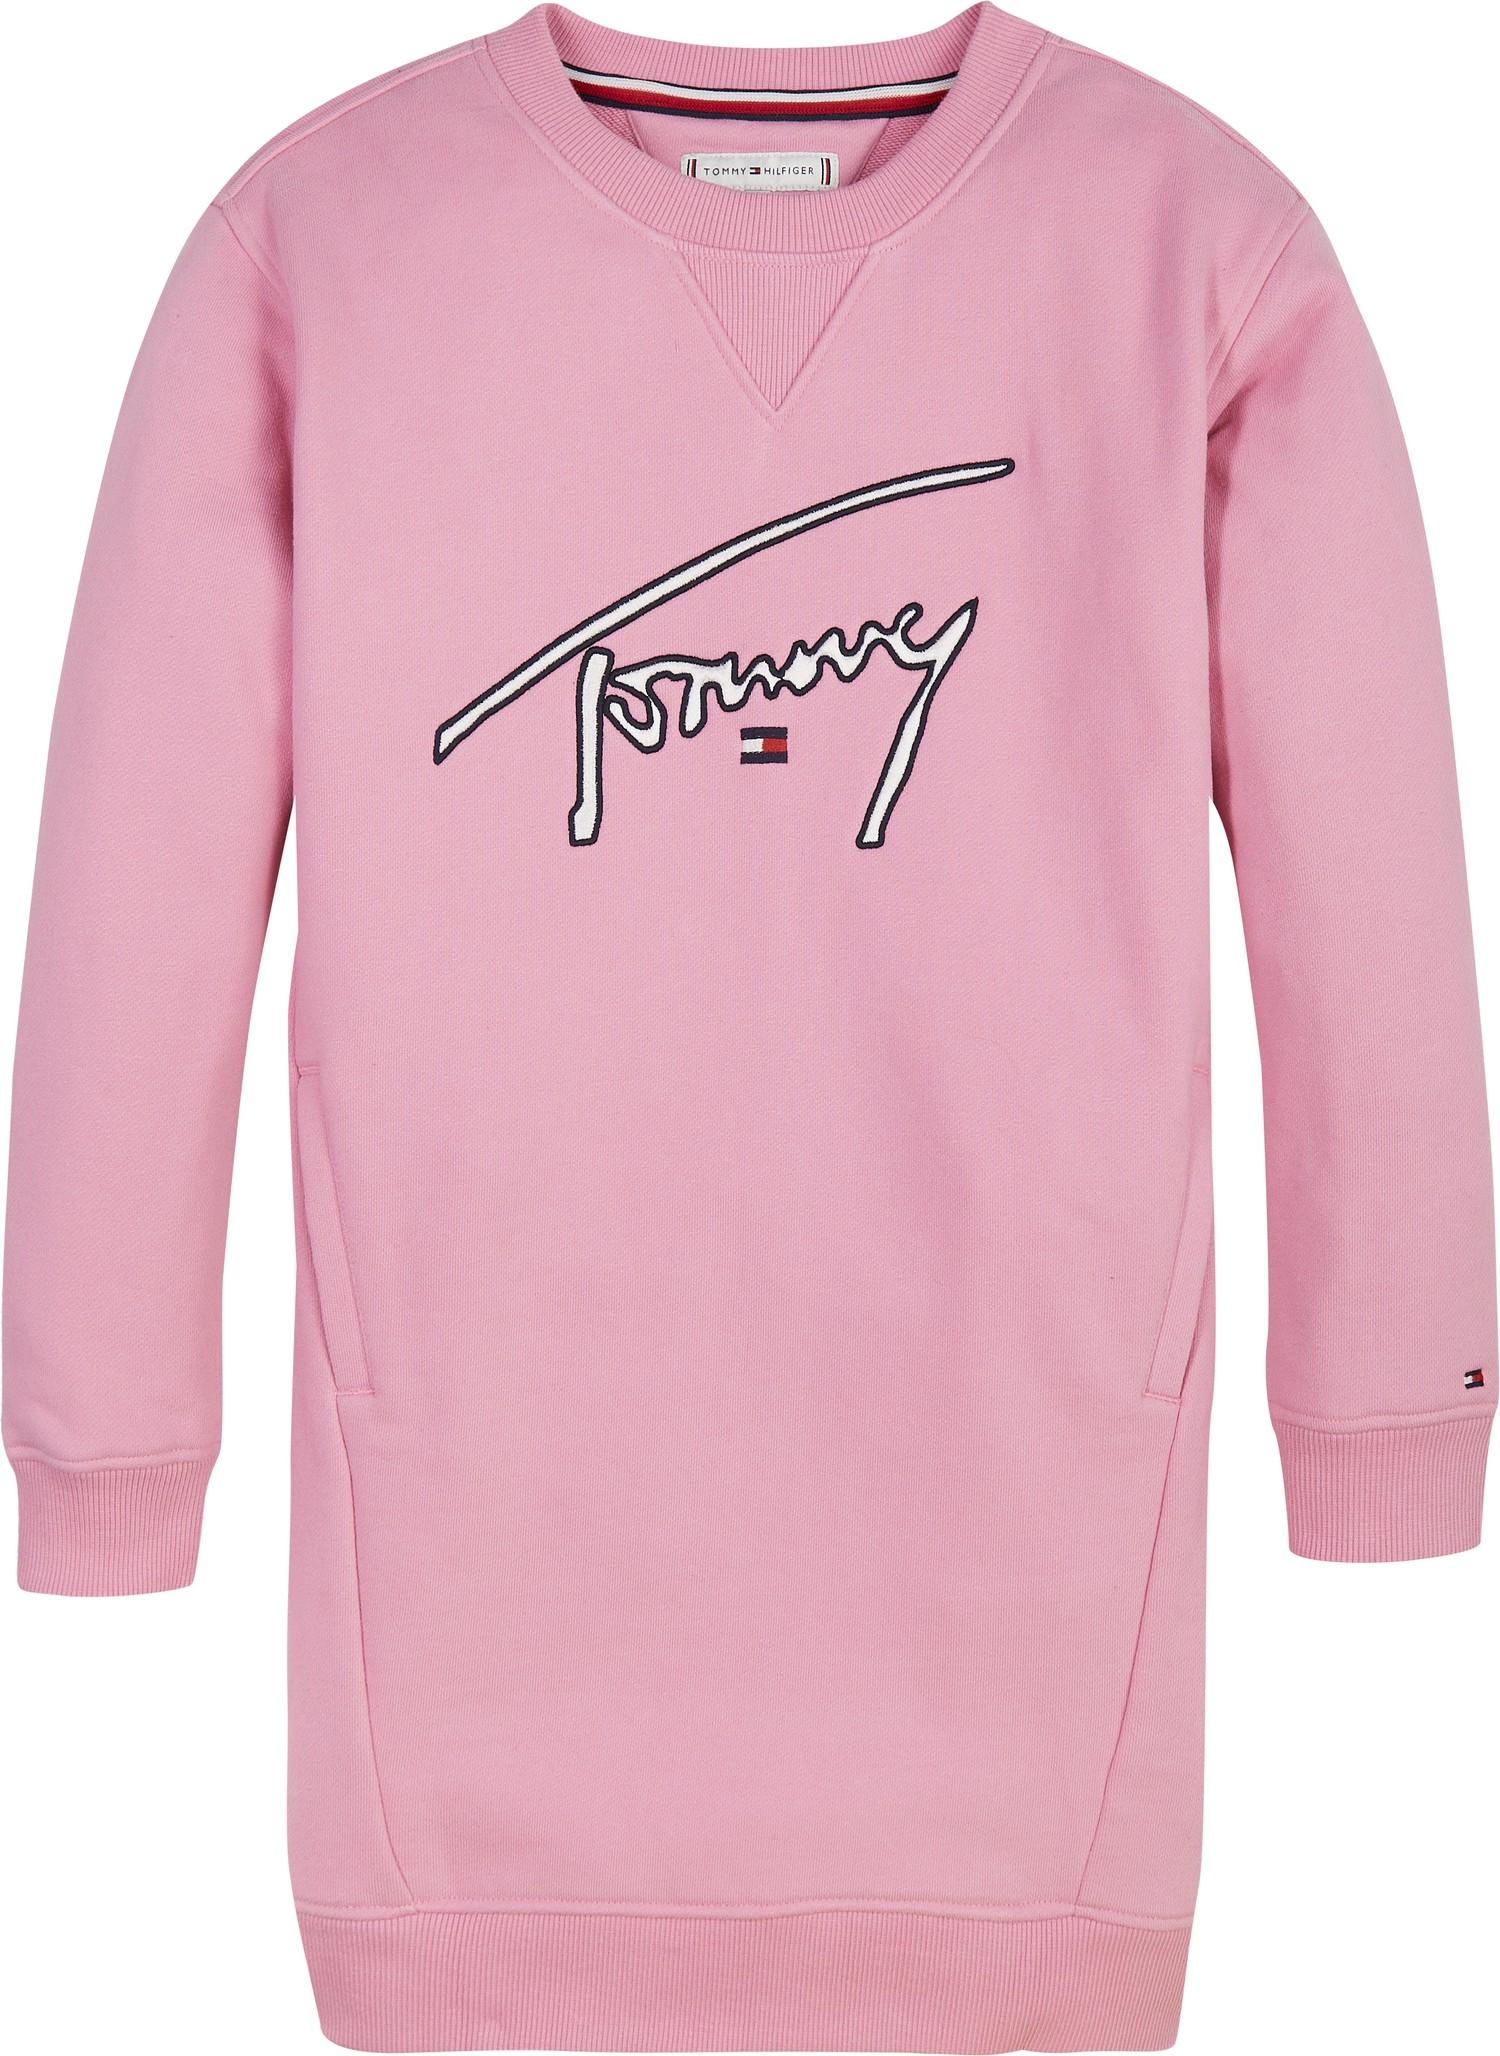 Tommy Hilfiger Childrenswear Collegemekko, Tommy Signature Vaaleanpunainen